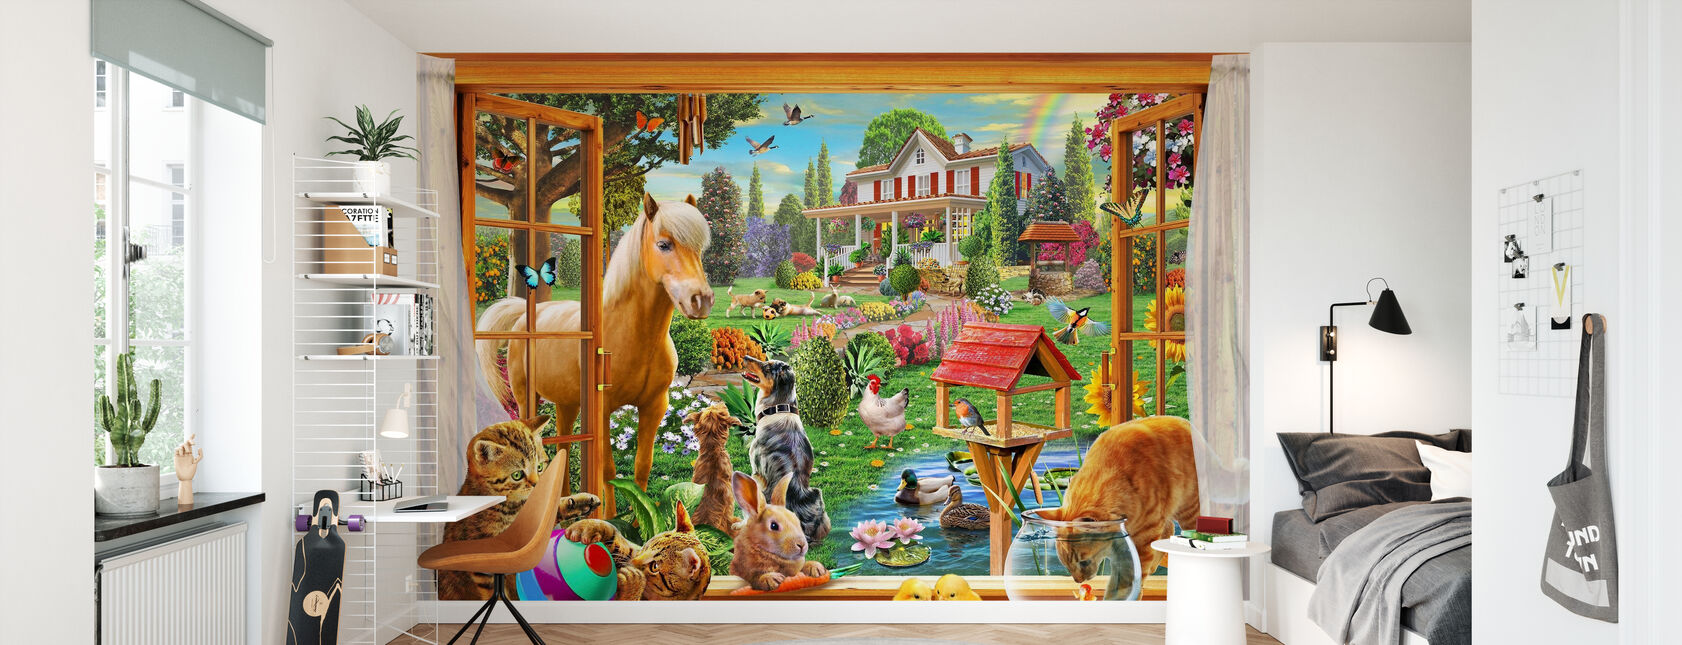 Dyr i hagen - Tapet - Barnerom